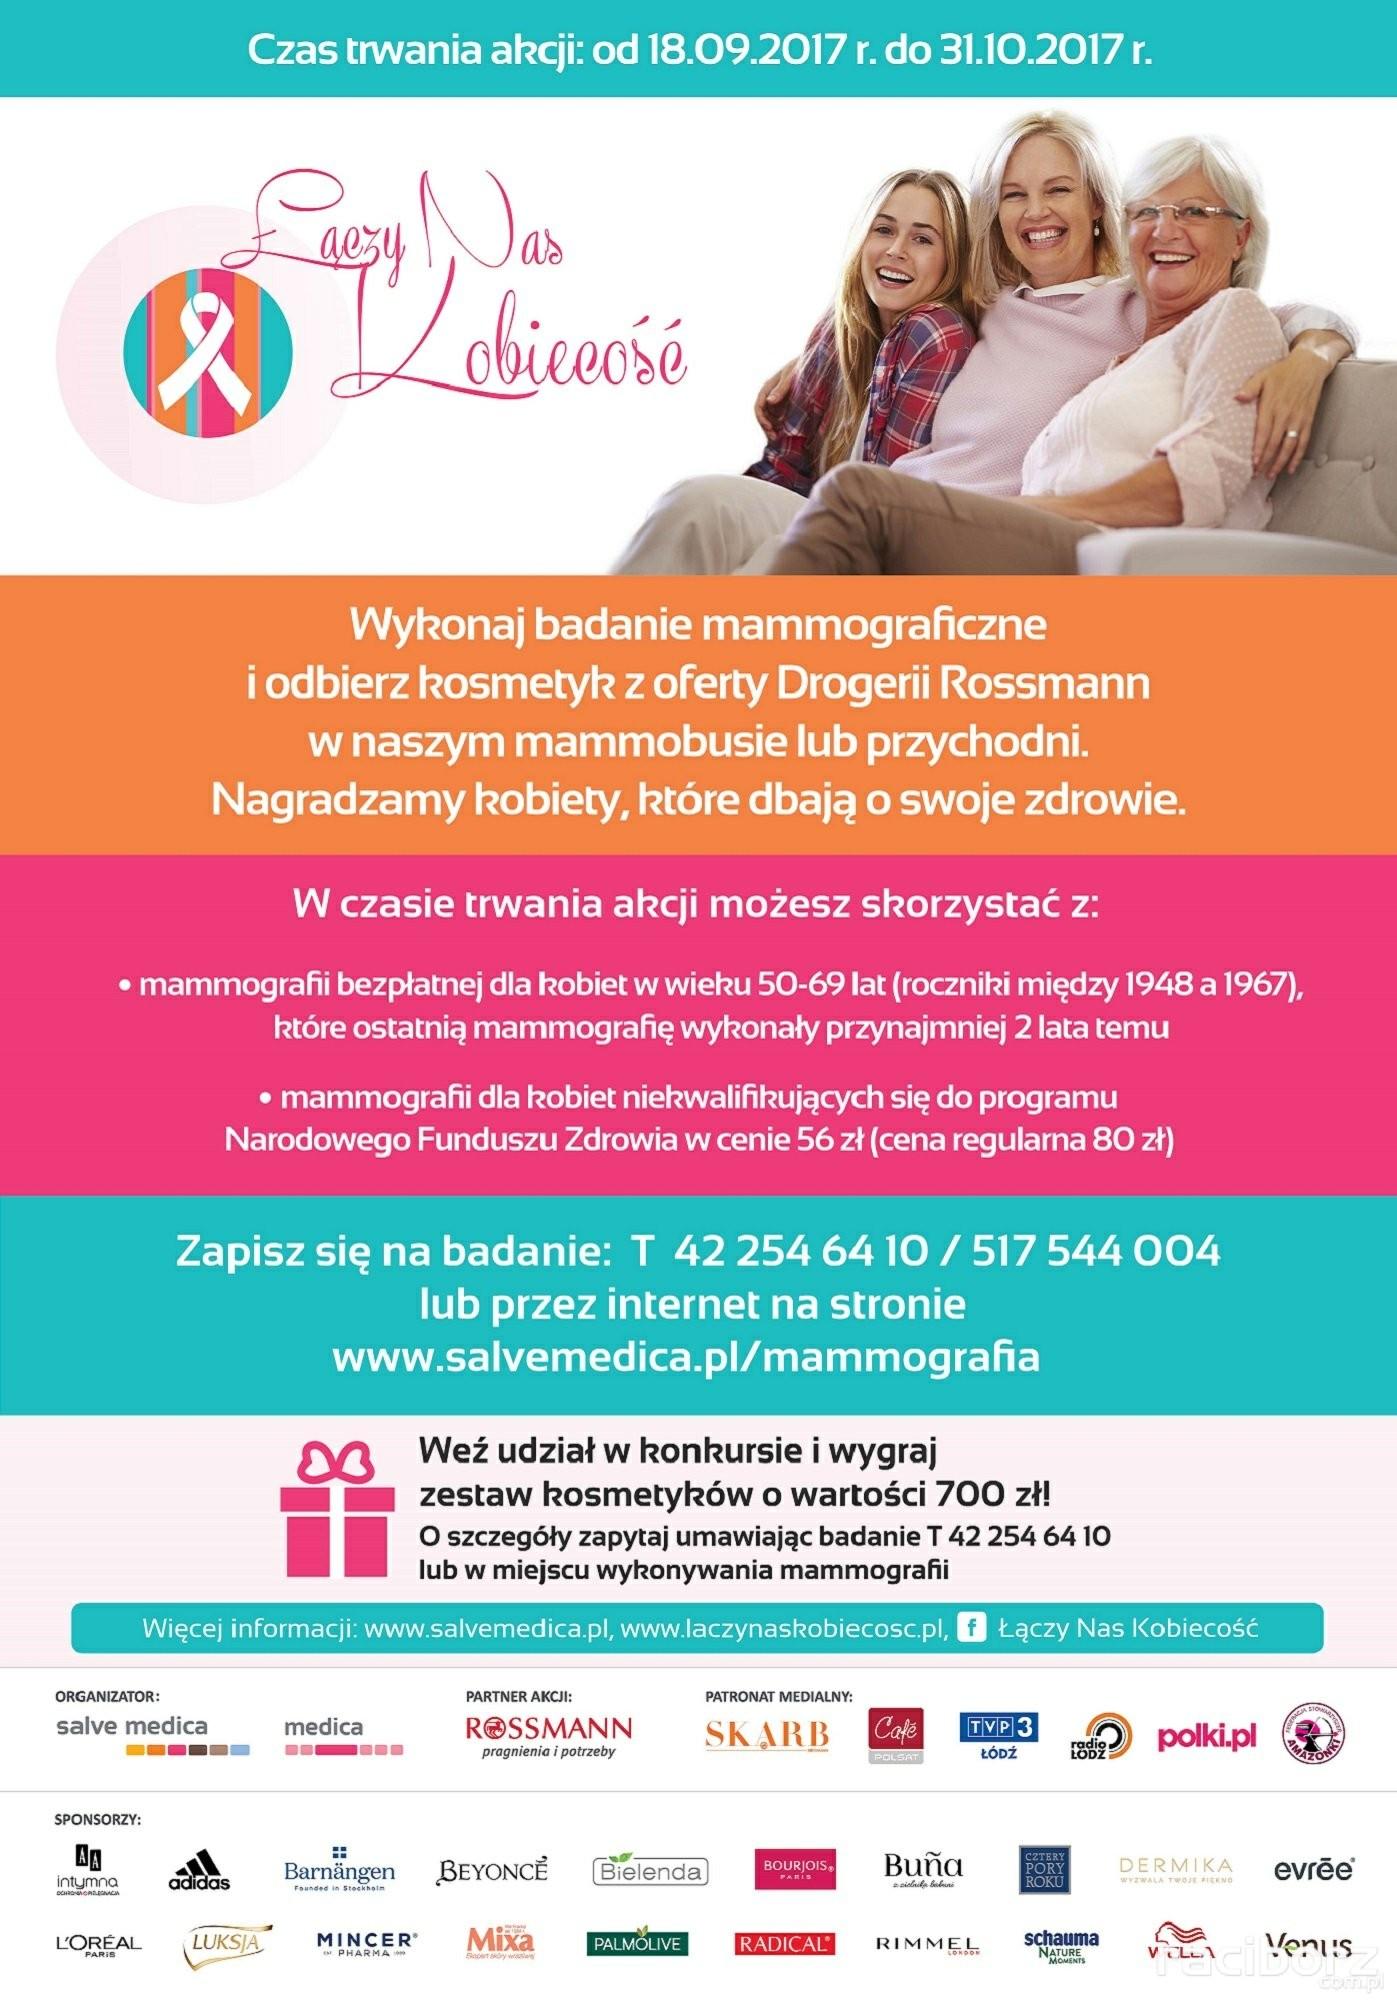 Łączy Nas Kobiecość to ogólnopolska akcja profilaktyki raka piersi